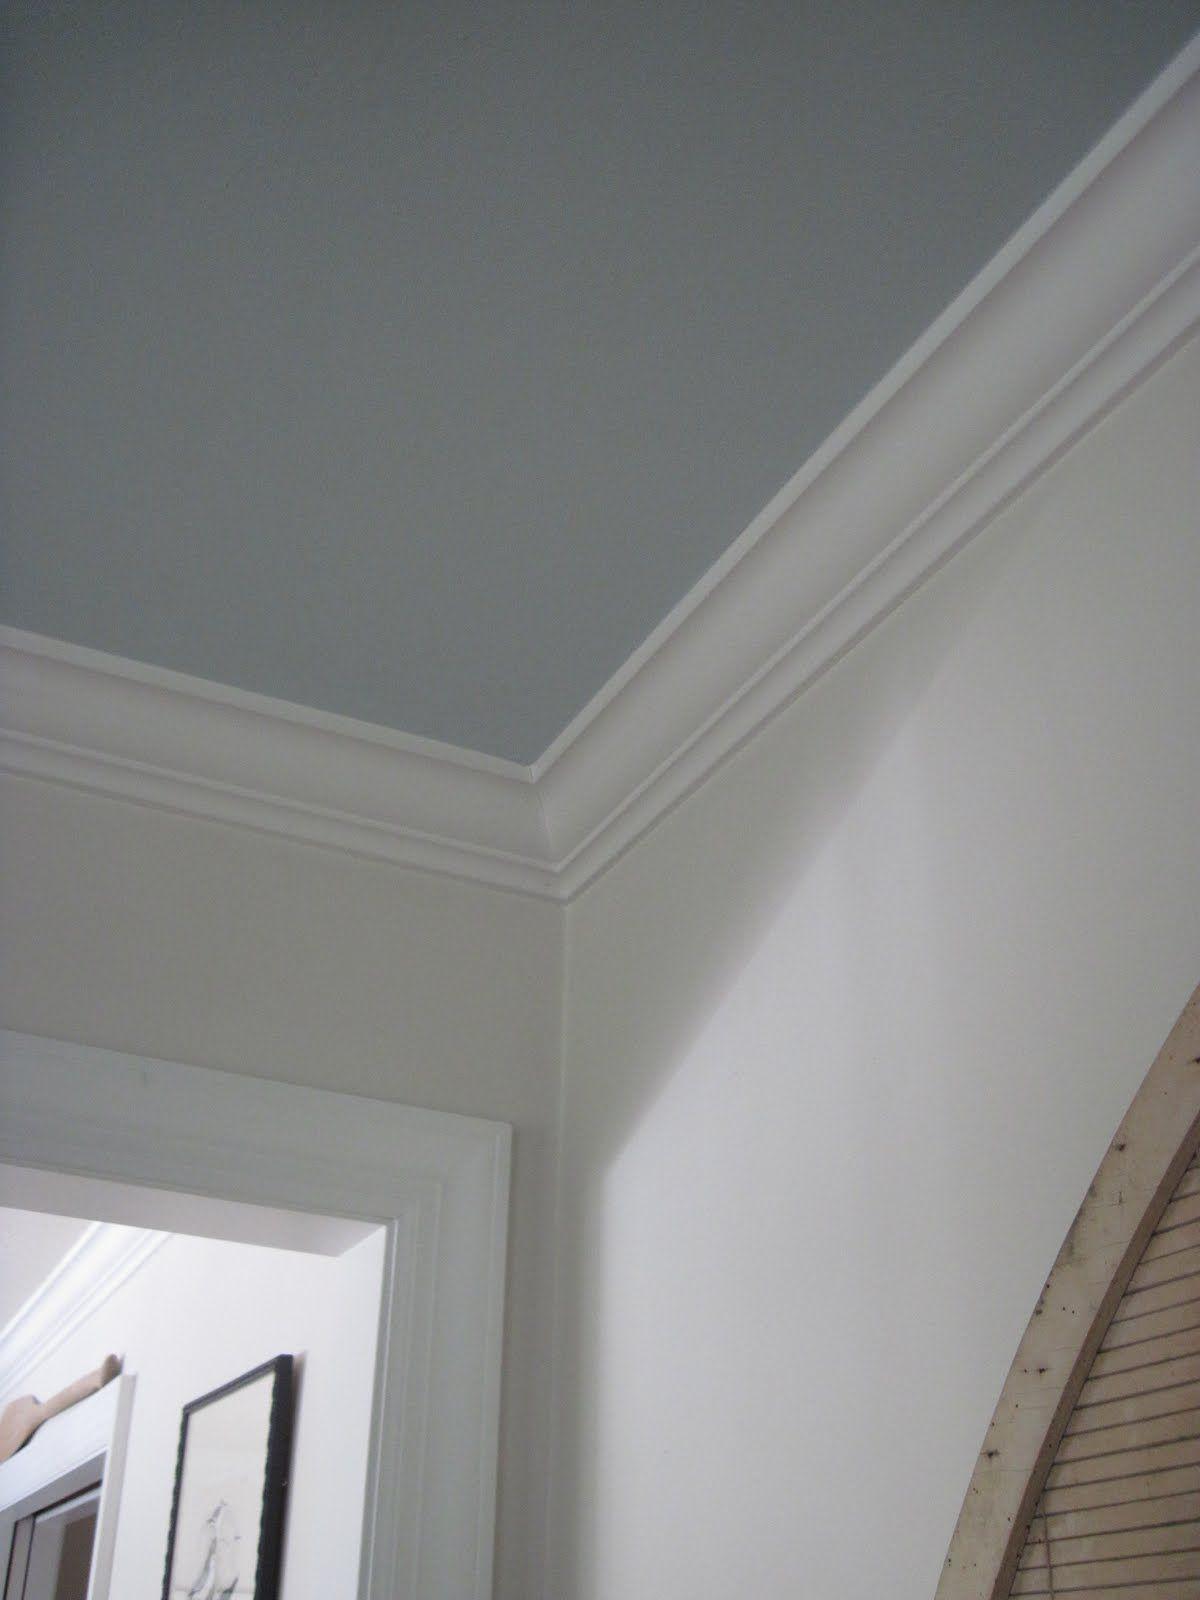 Darker ceiling